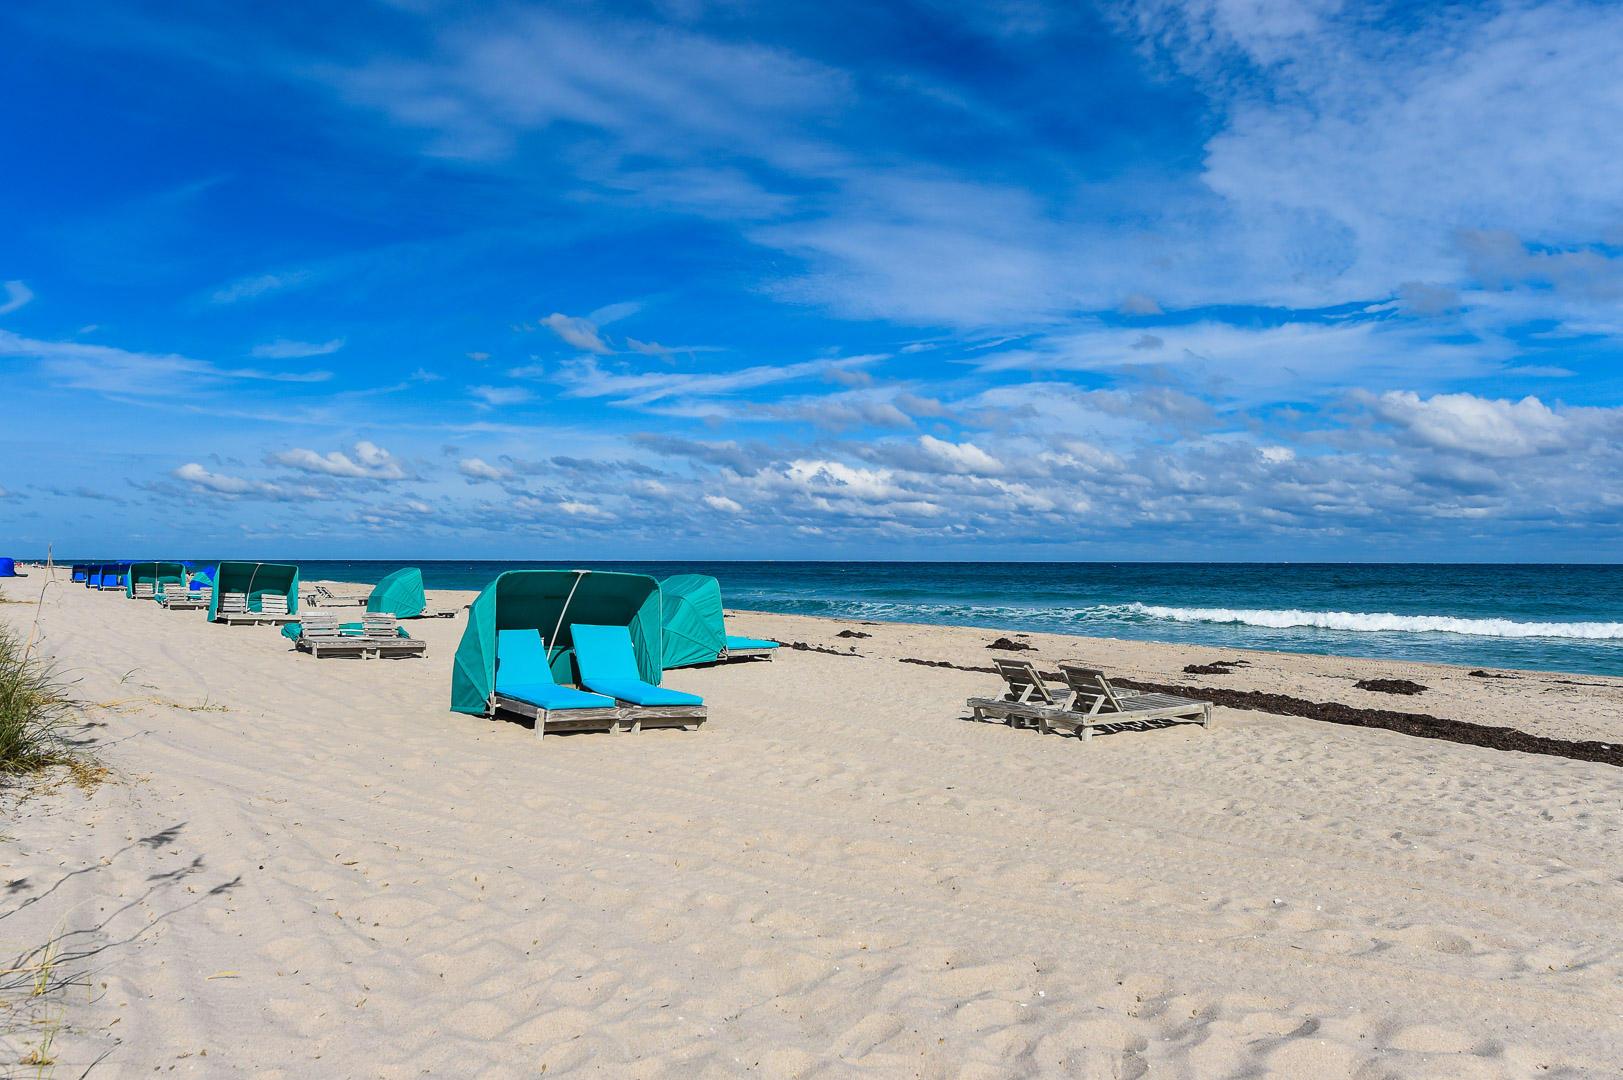 ATRUIM PALM BEACH SHORES